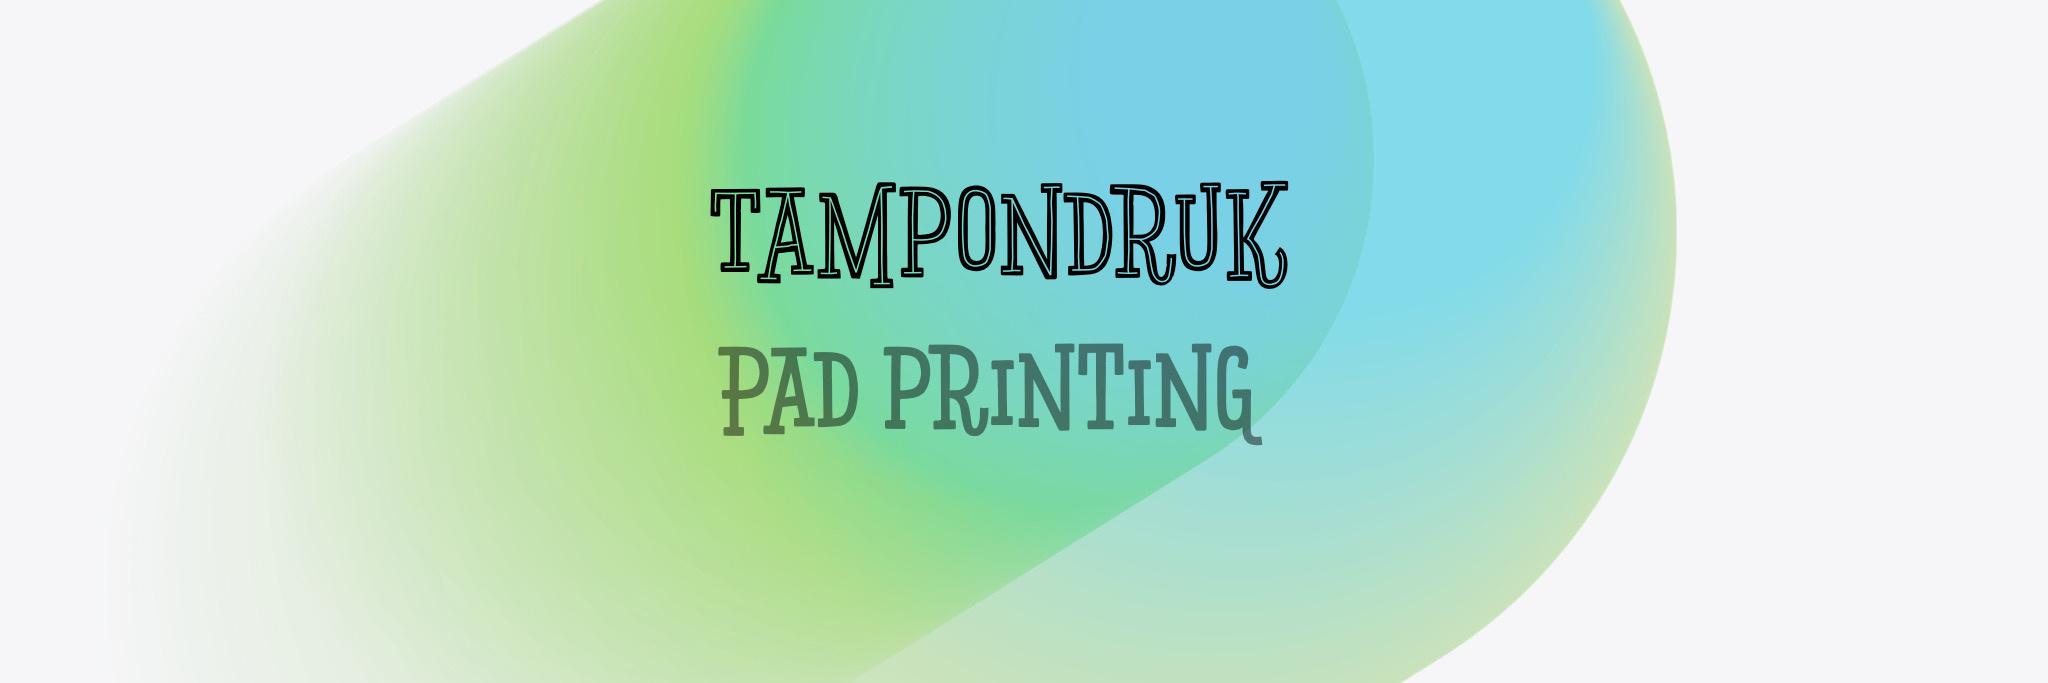 Tampondruk